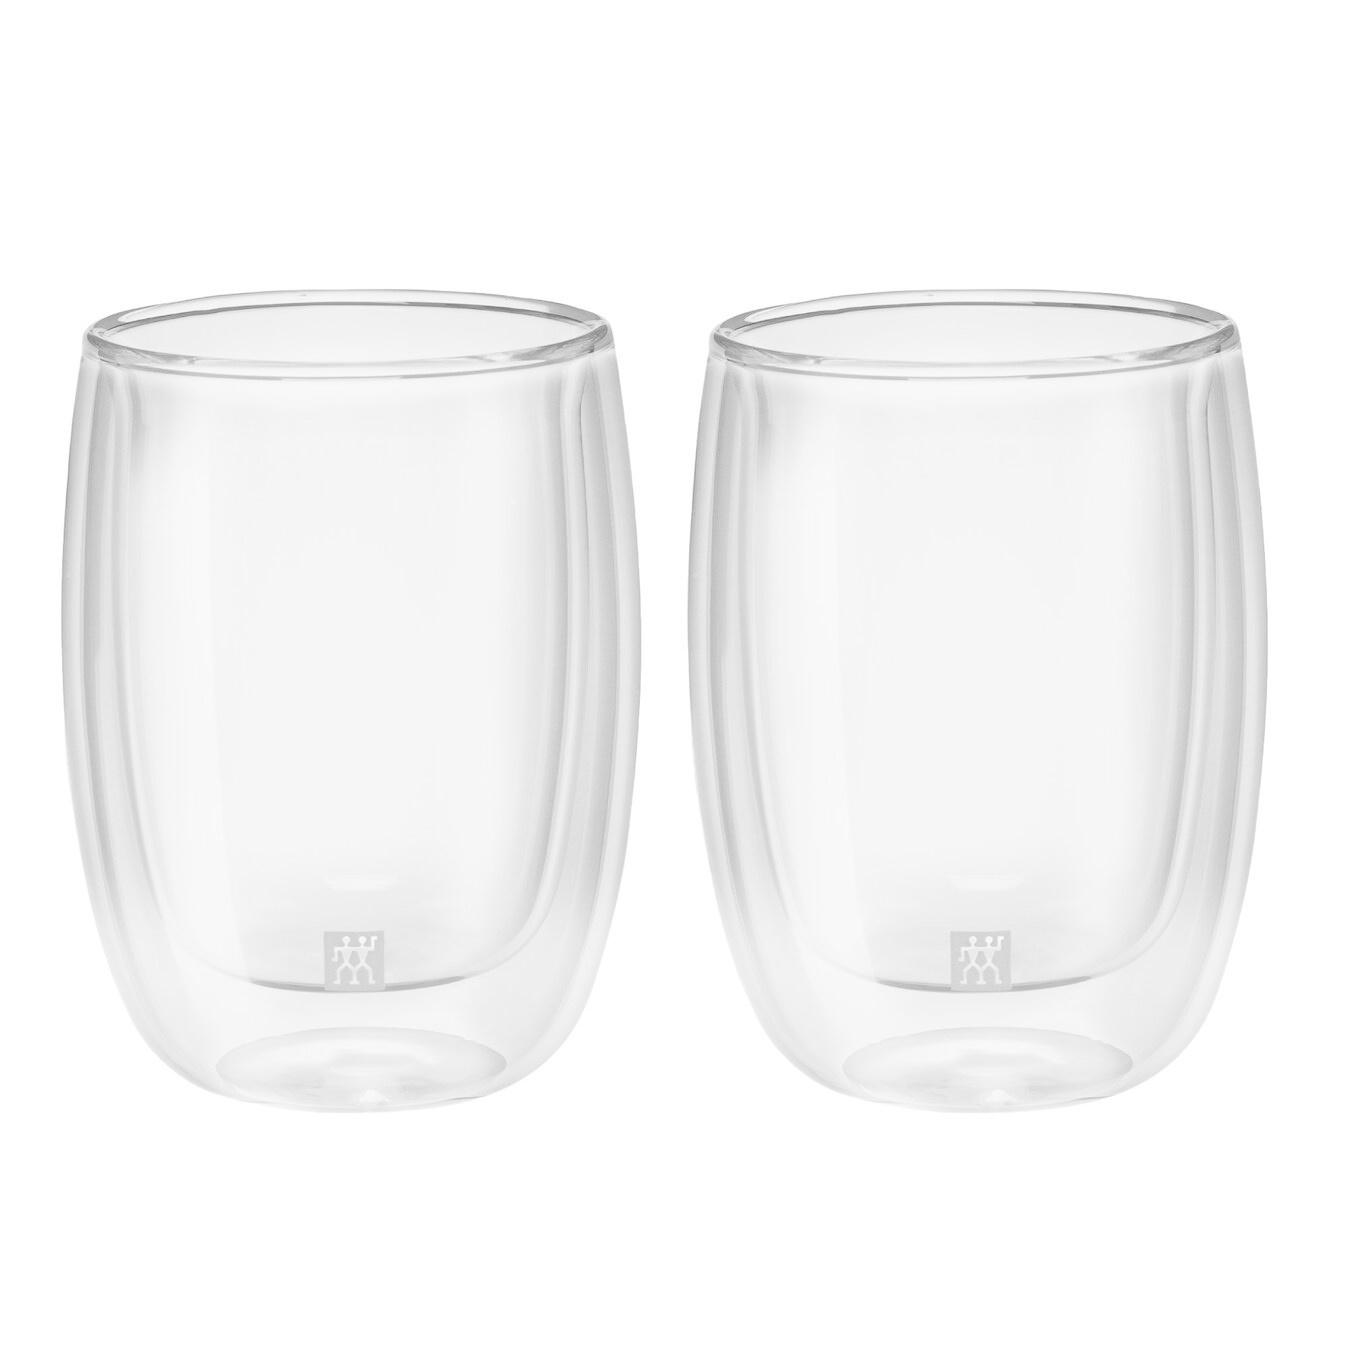 ZWILLING Sorrento Cappuccino Glasses S/2 200ml /6.7oz